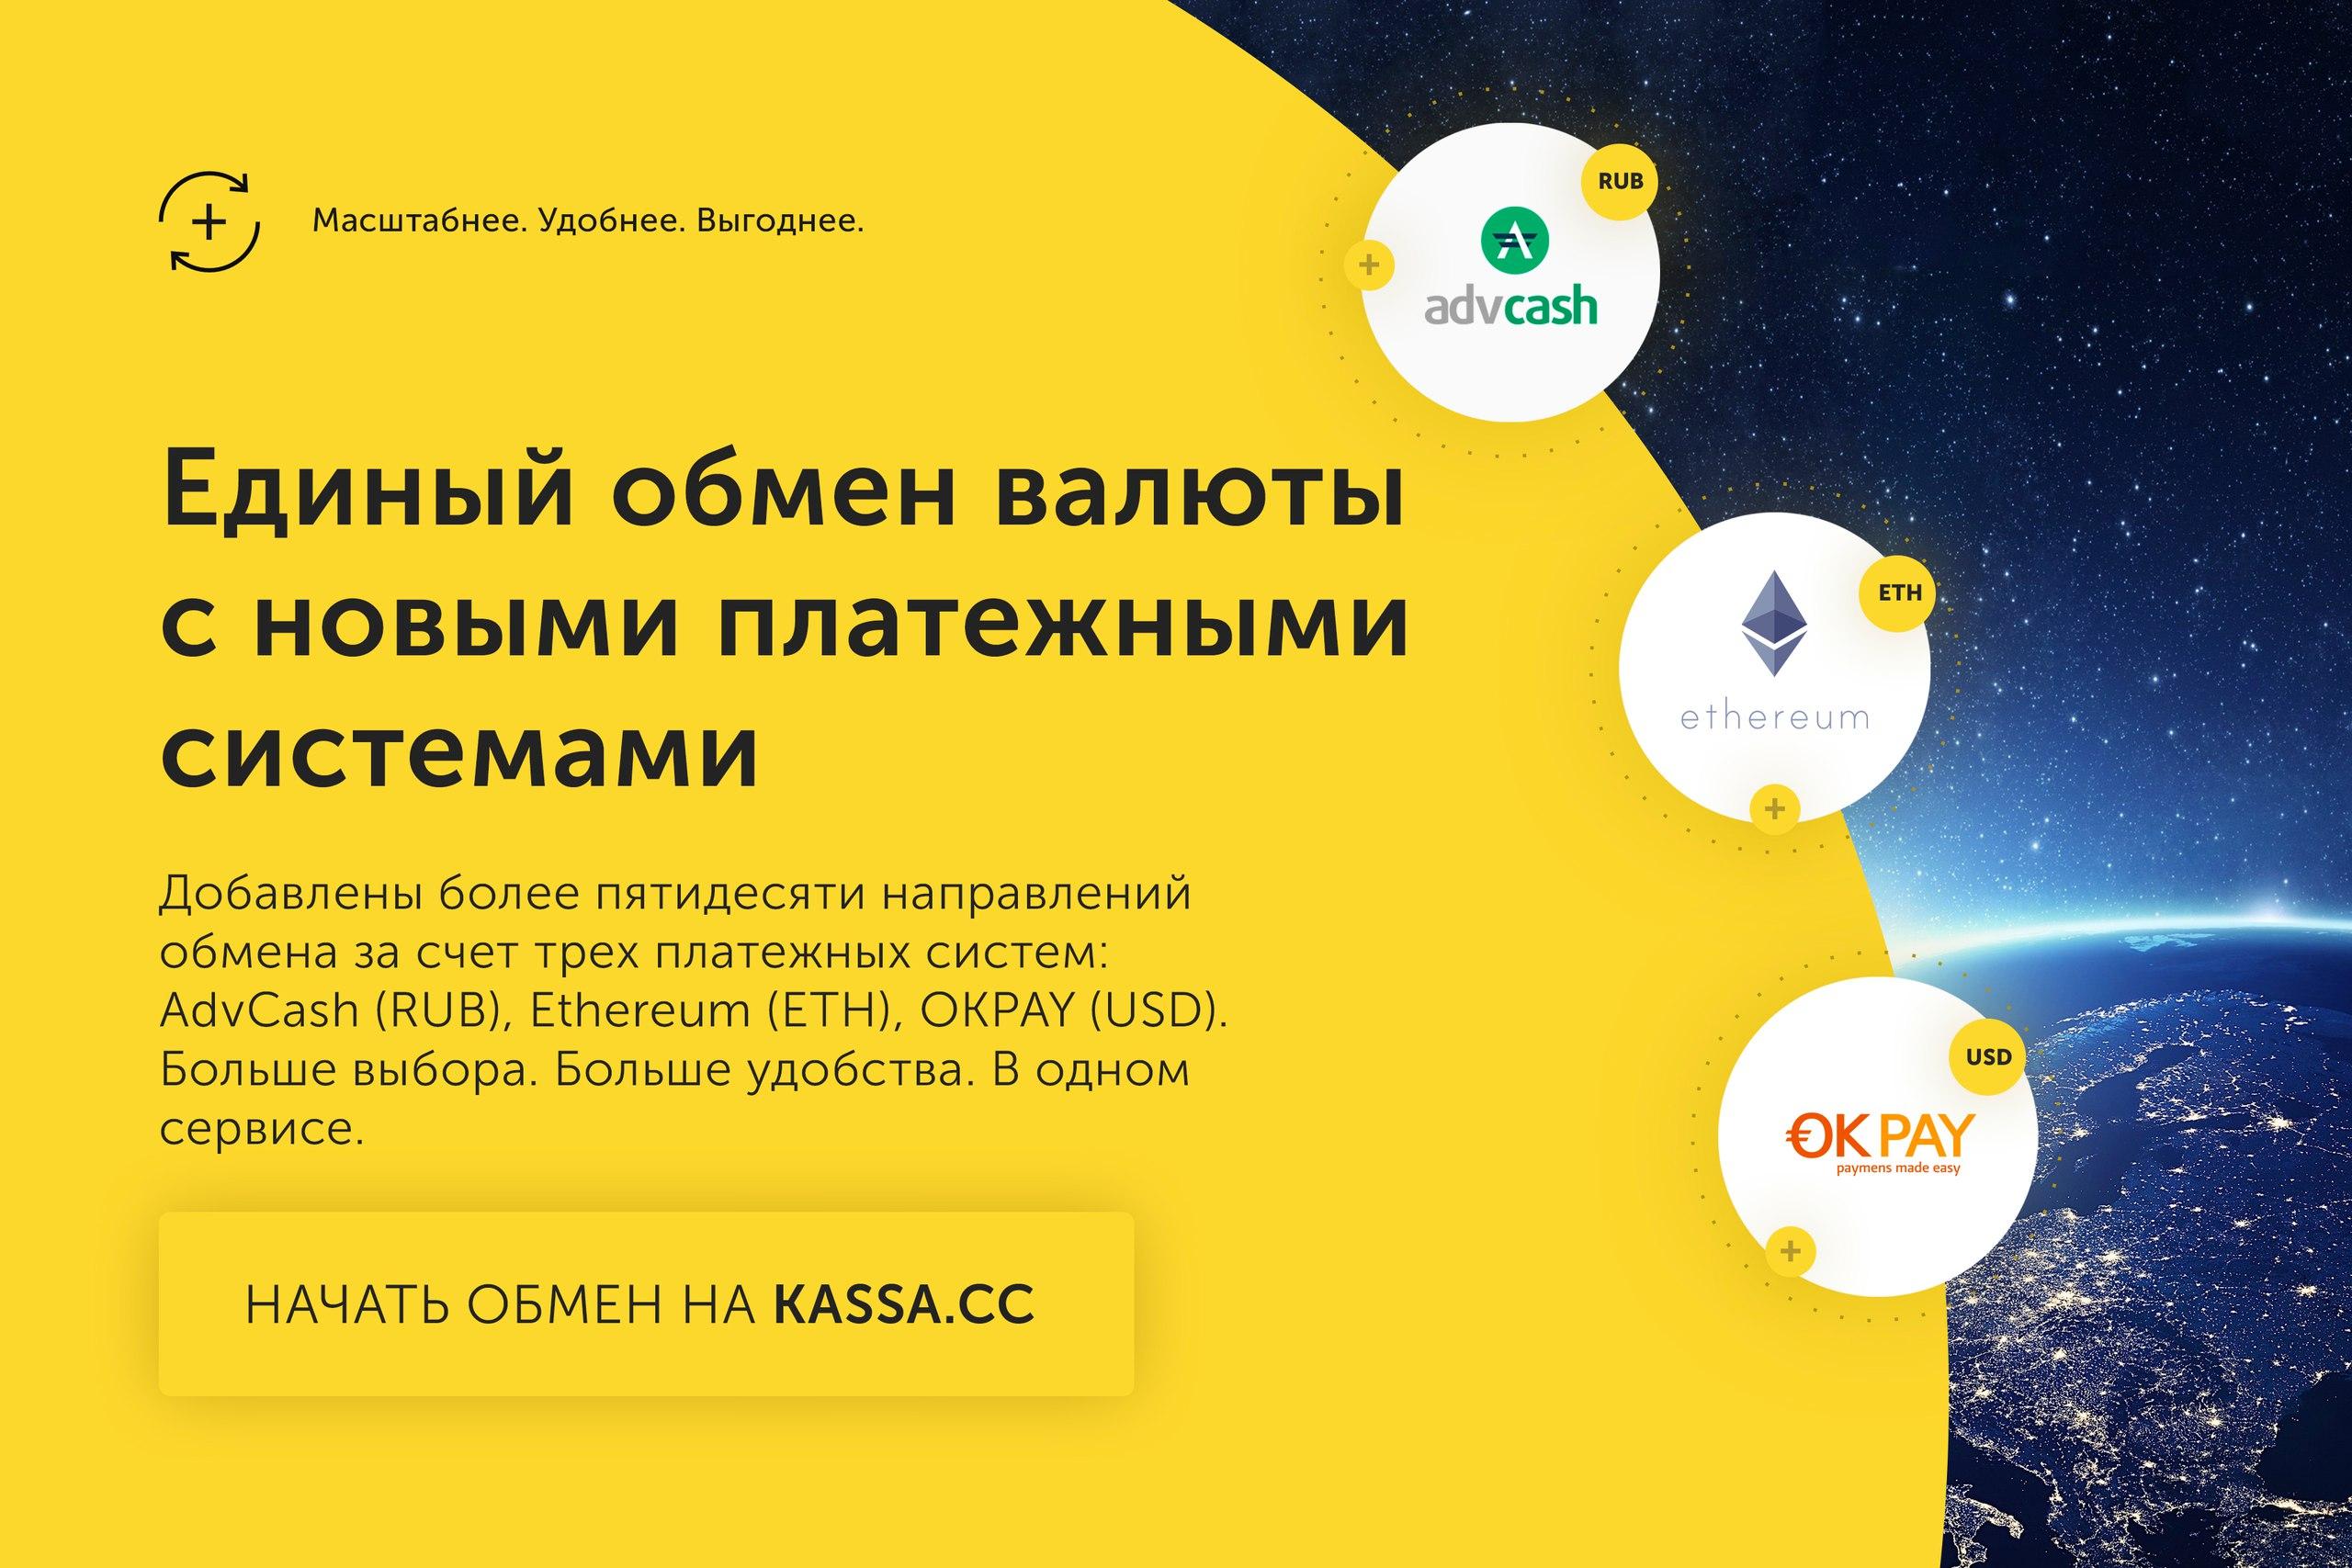 Kassa - добавлены новые Платежные системы AdvCash (RUB), Etherium (ETH), OKPAY (USD)